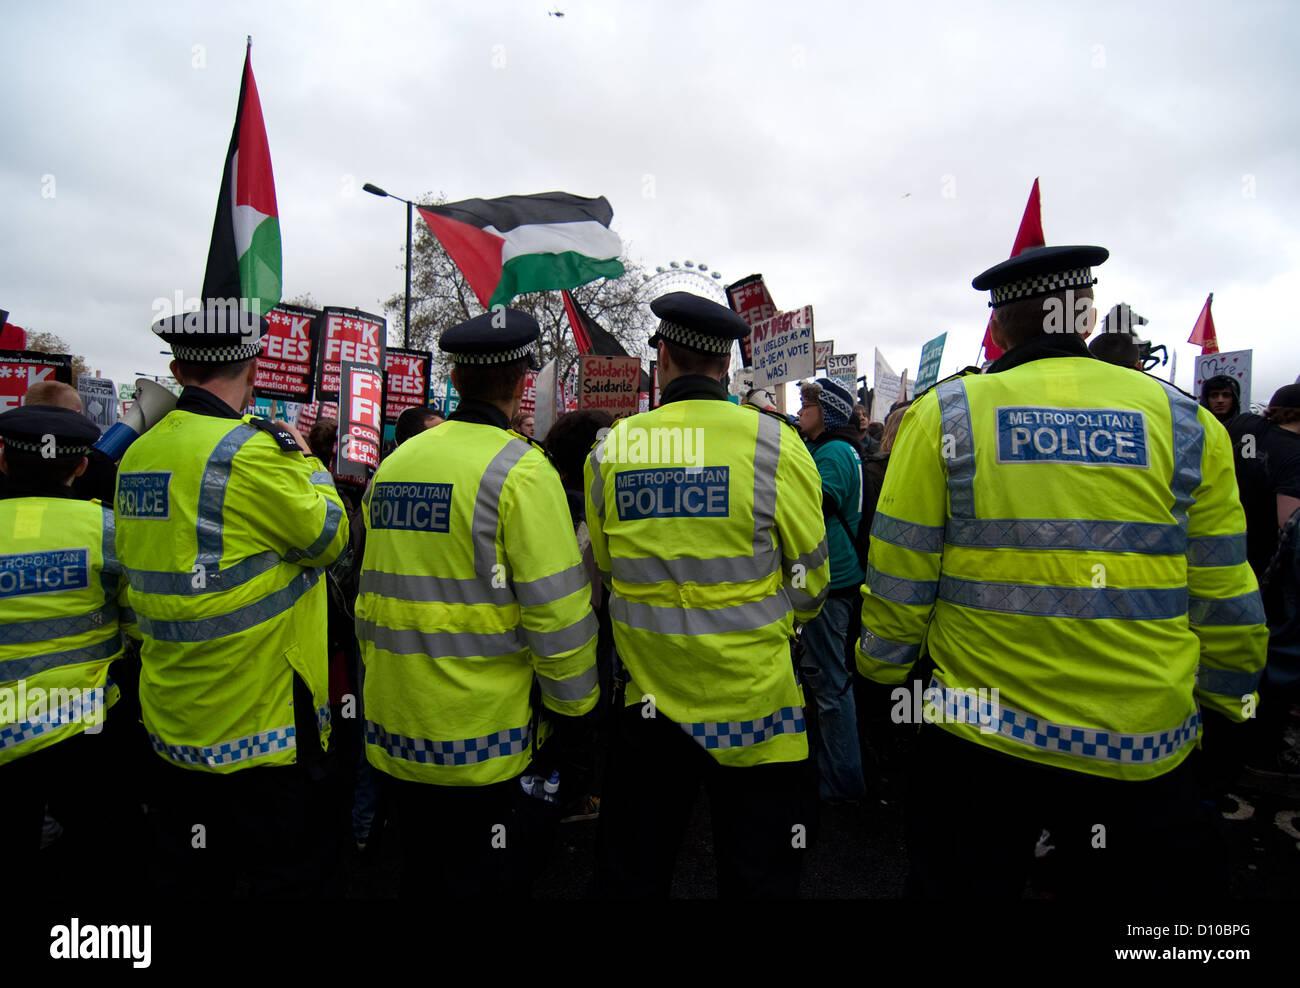 Blocus de la Police à Westminster au cours de London Demo 2012. Photo Stock